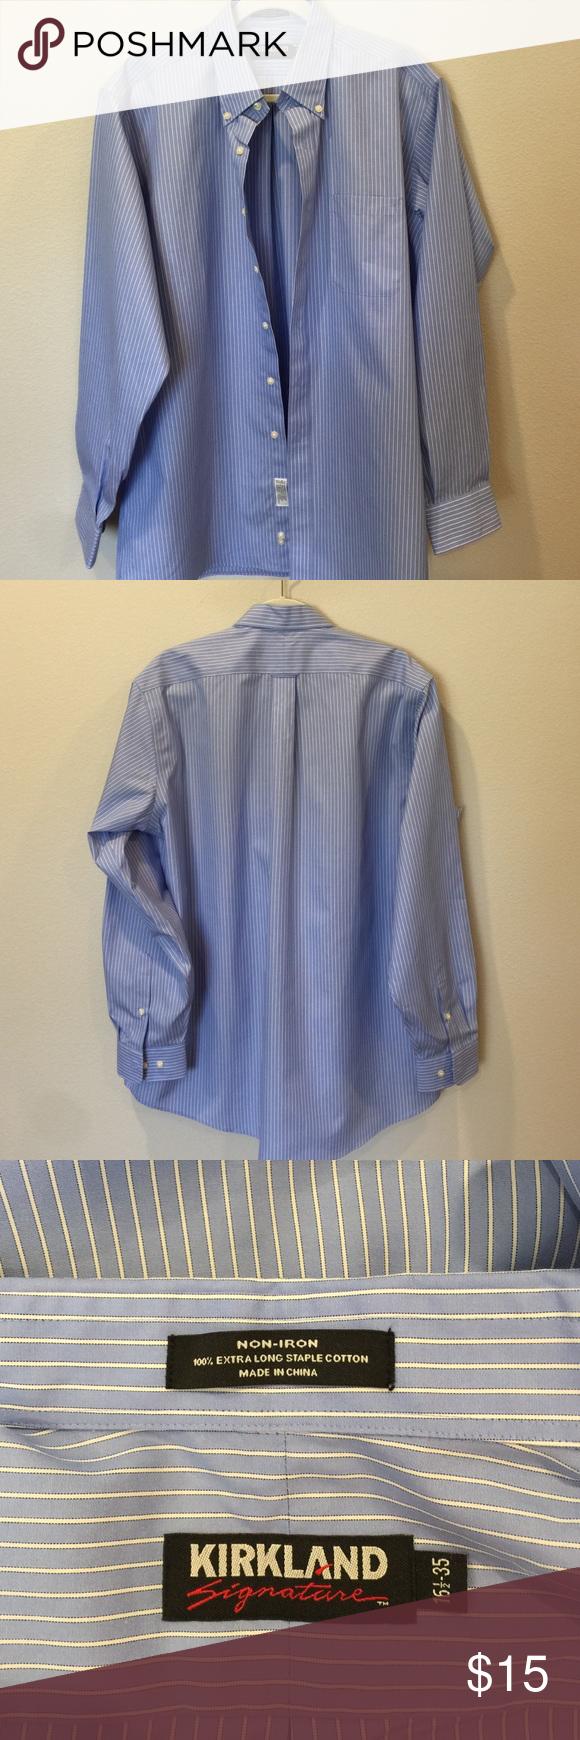 Mens Dress Shirt Costco Kirkland Signature Longsleeve Mens Dress